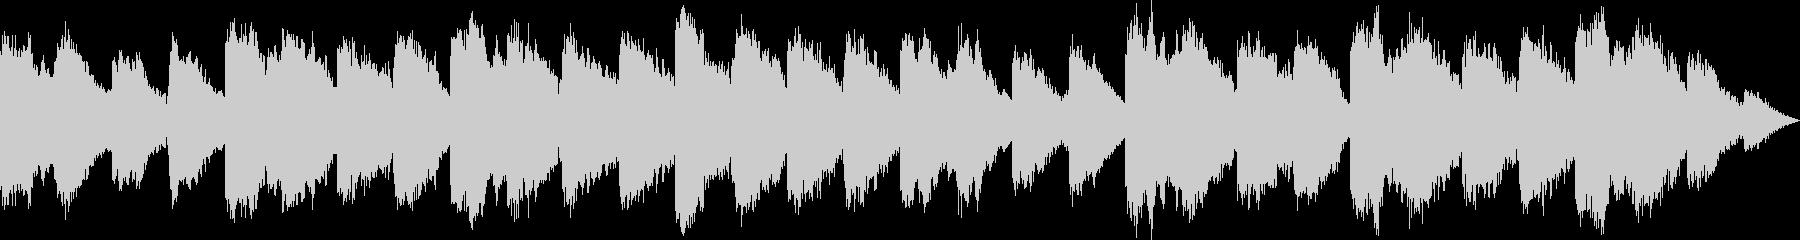 ファンタジーRPGの遺跡シーンをイメー…の未再生の波形